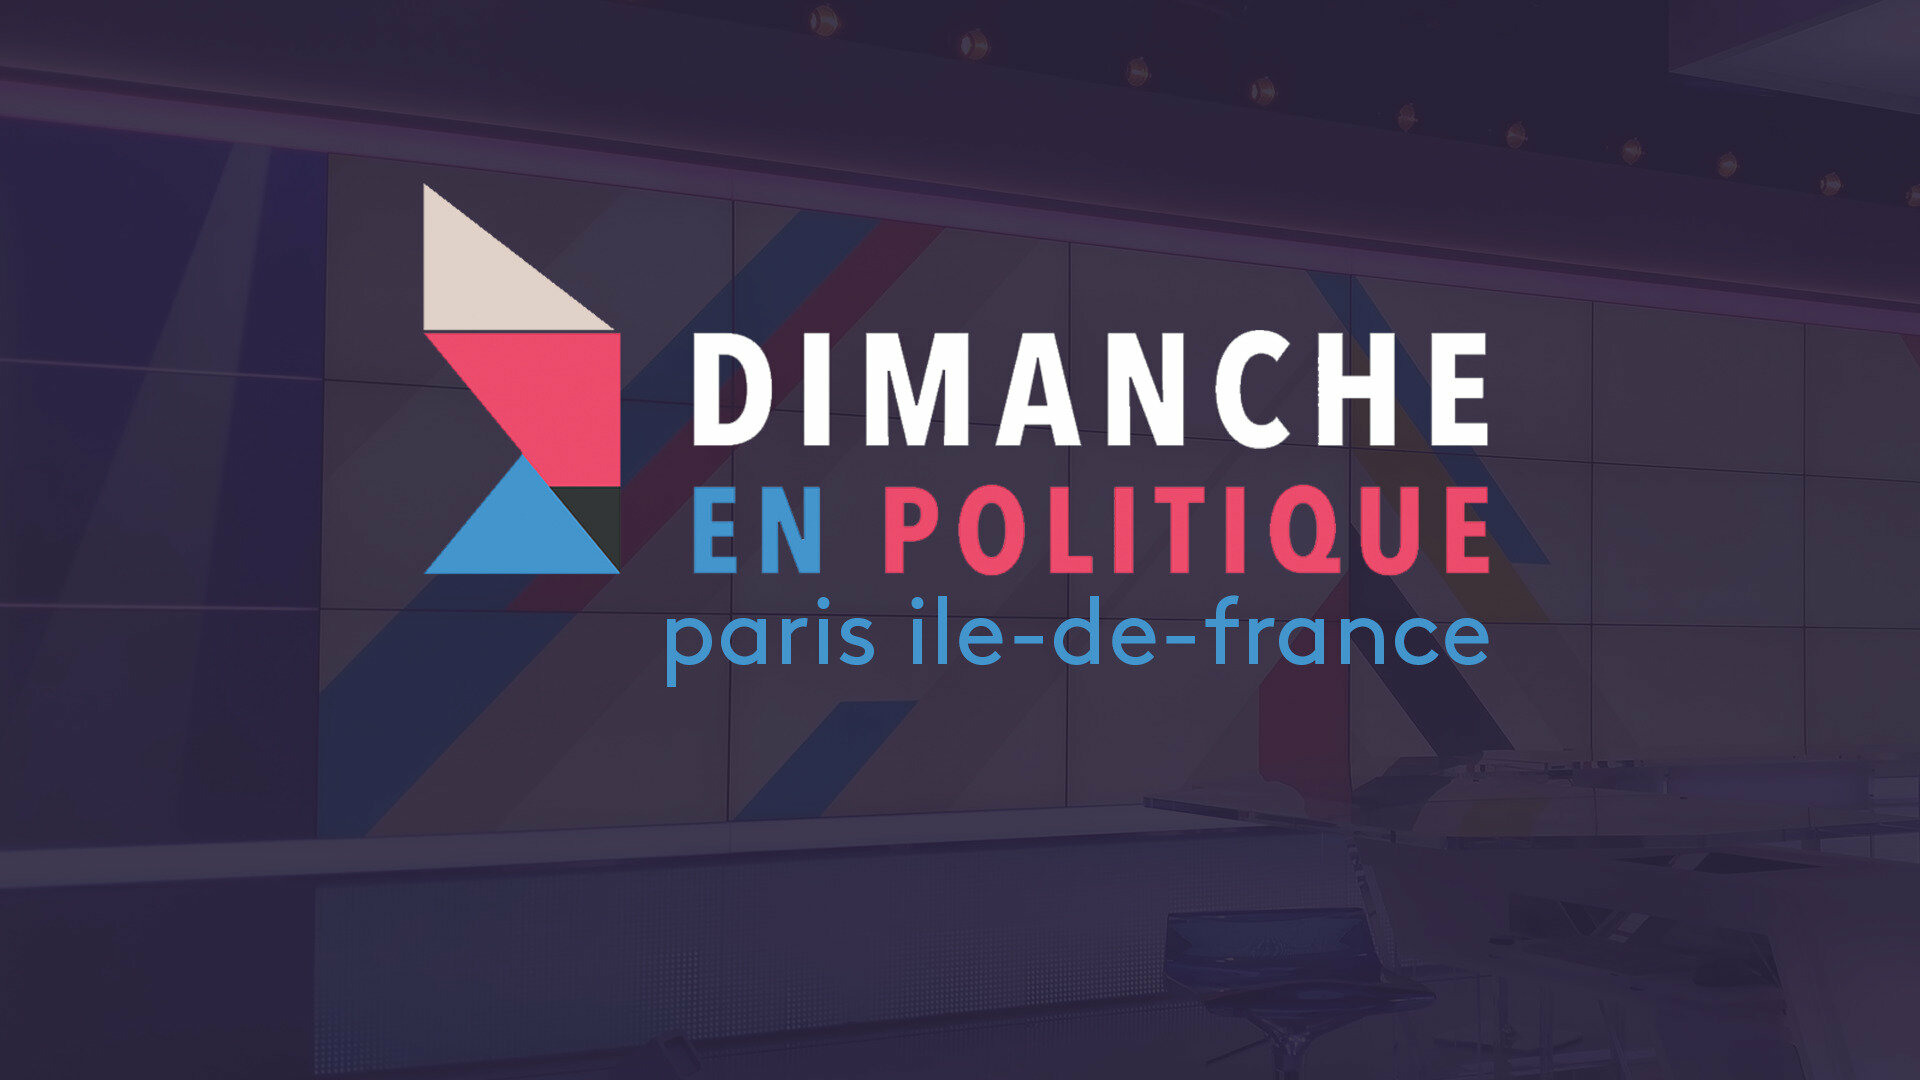 Dimanche en politique - Paris Ile-de-France